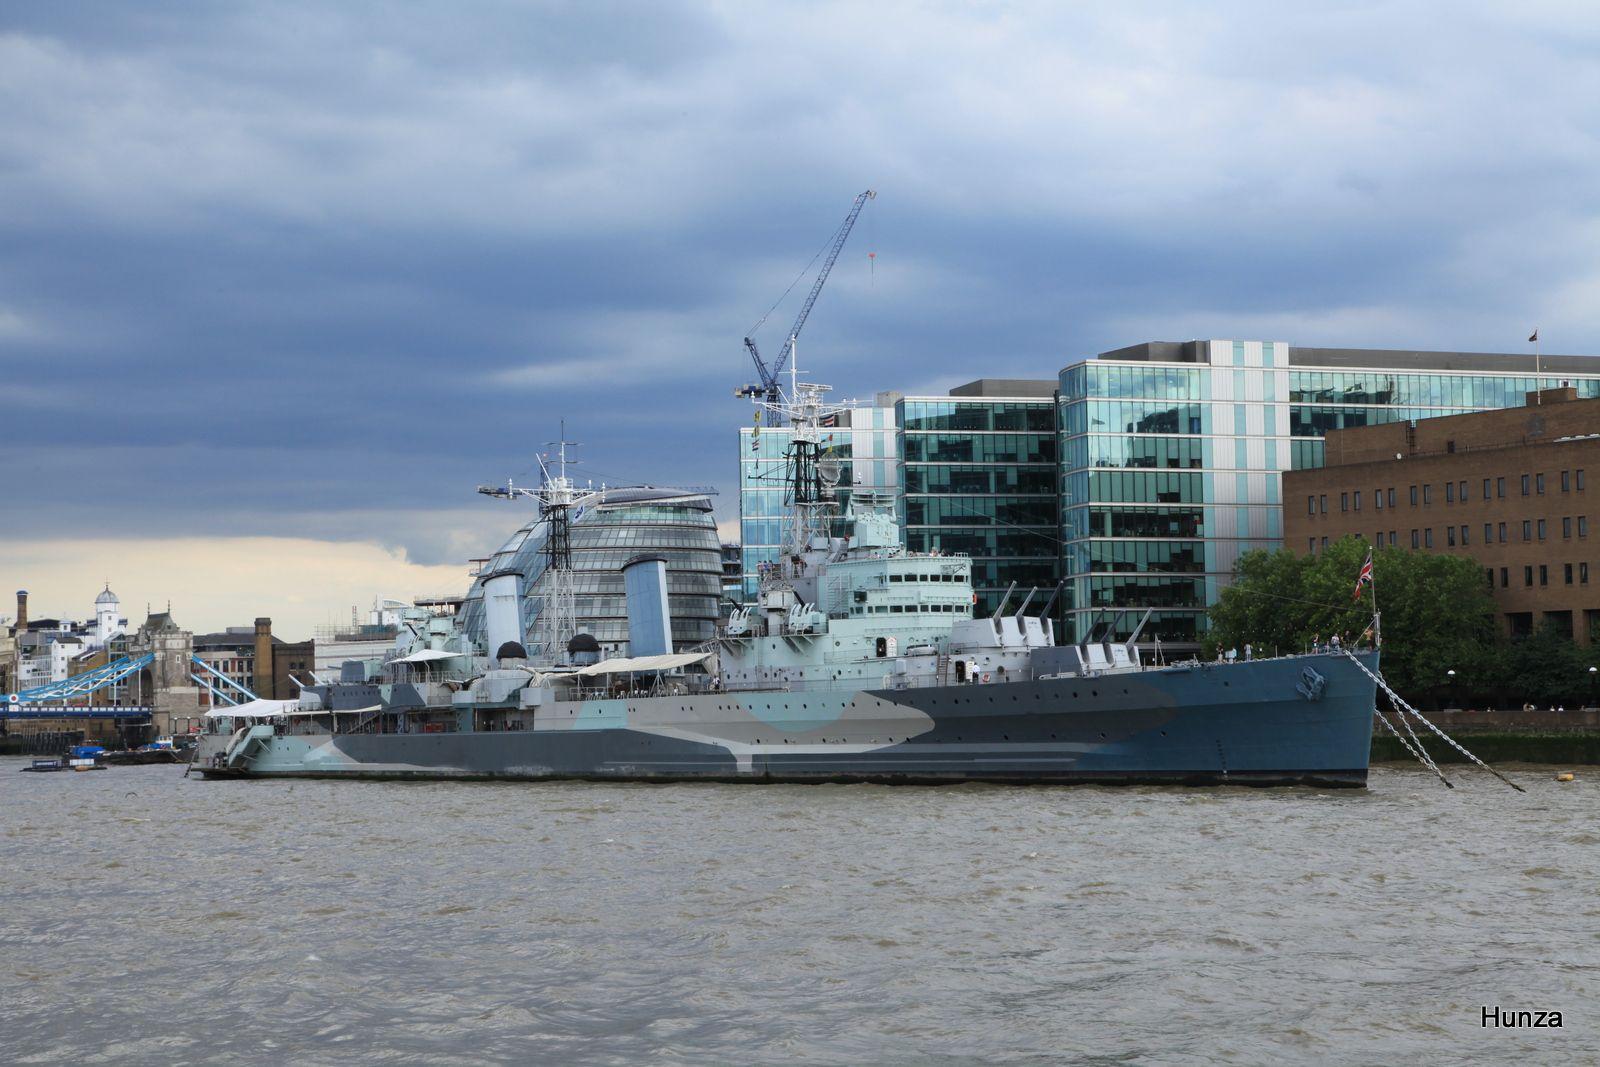 Le cuirassé HMS Belfast qui a participé au débarquement de juin 1944